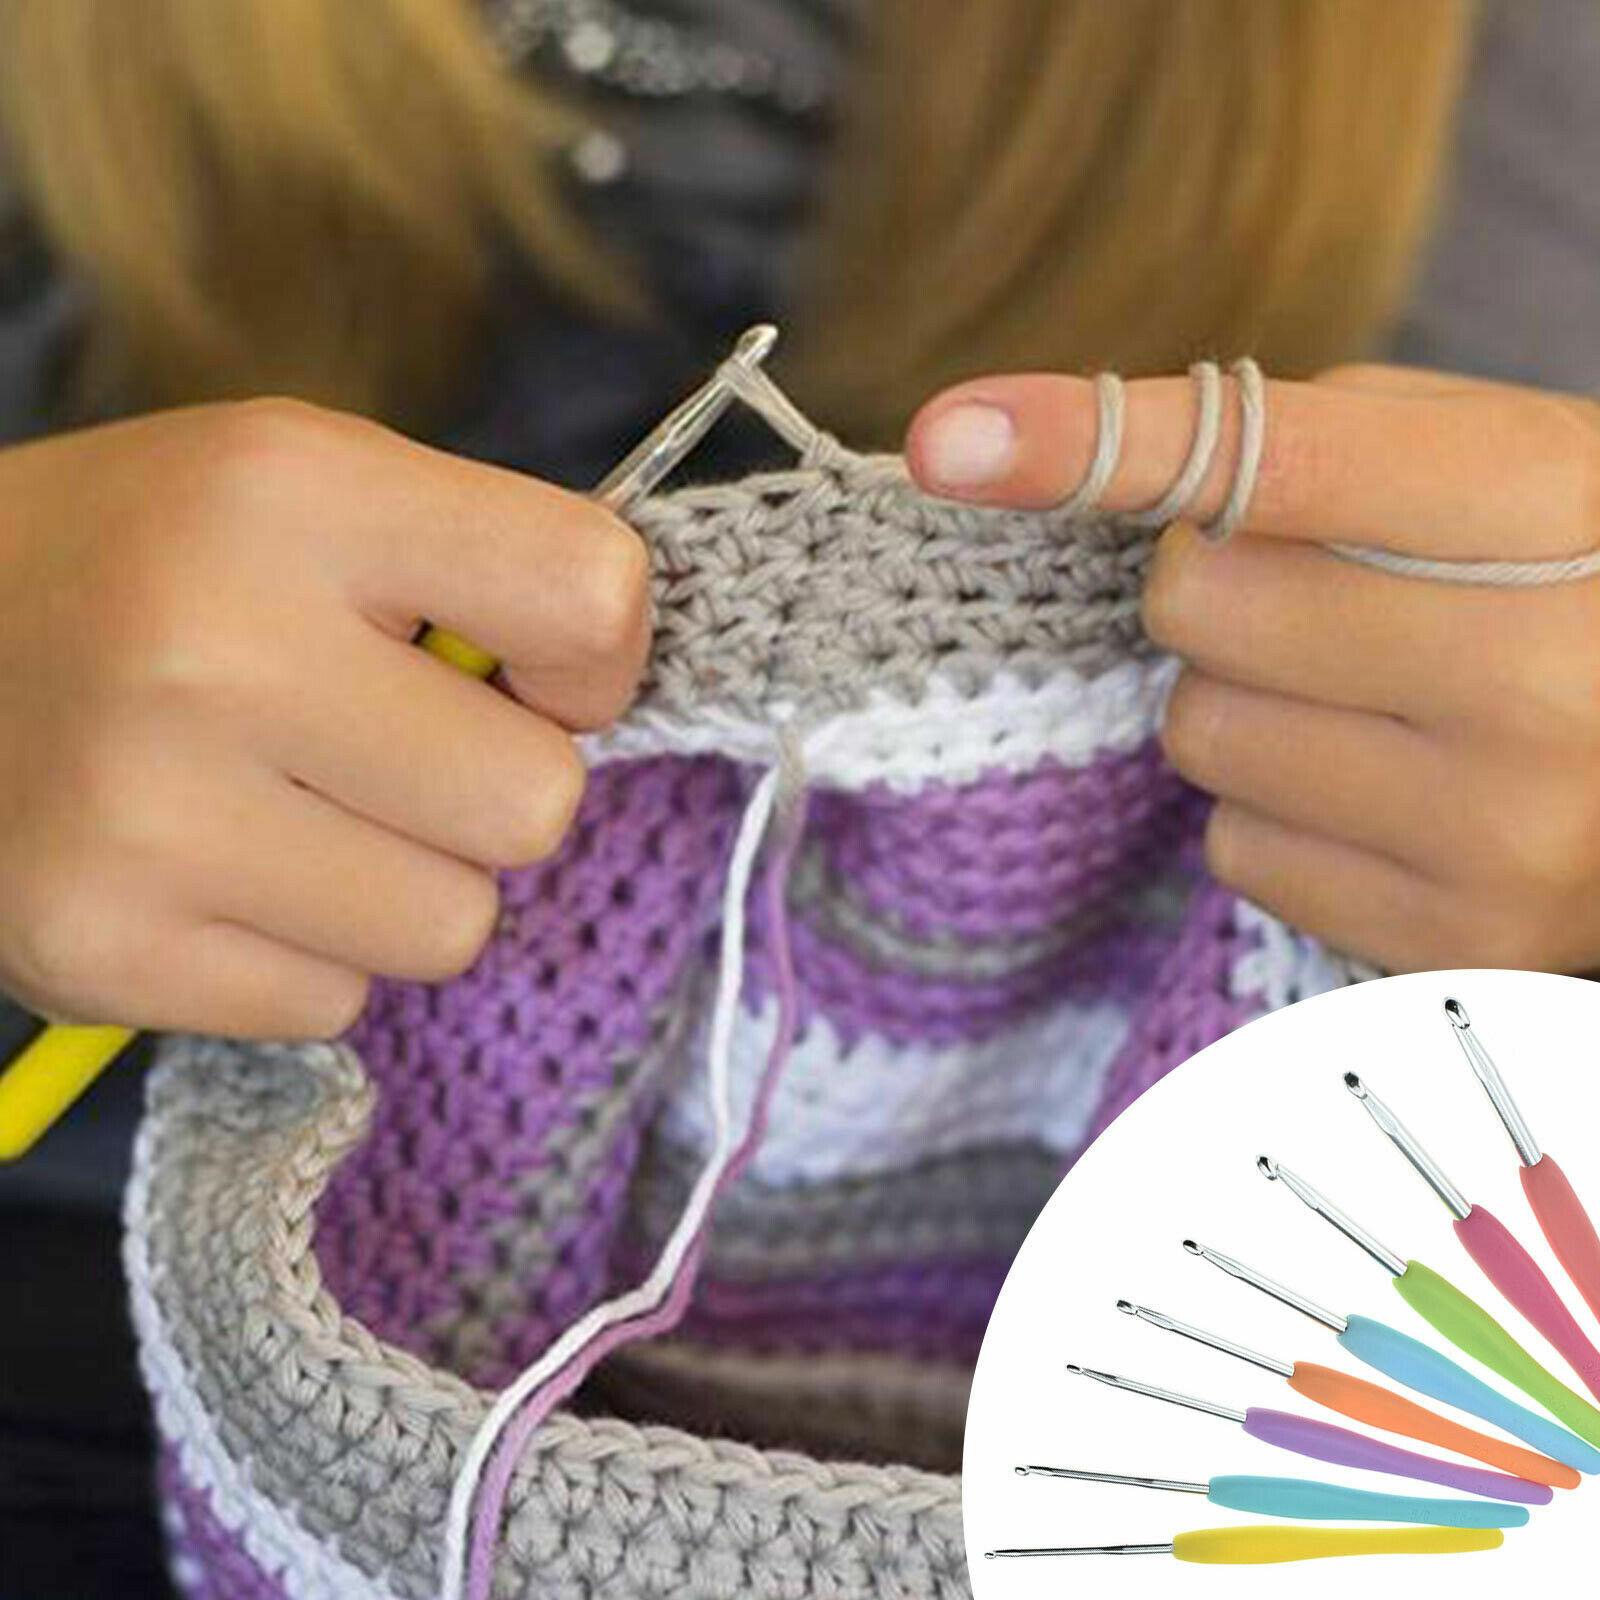 53Pcs Crochet Hooks Knitting Needles Knit Weave Craft Yarn Set Sewing Accessory Crafts